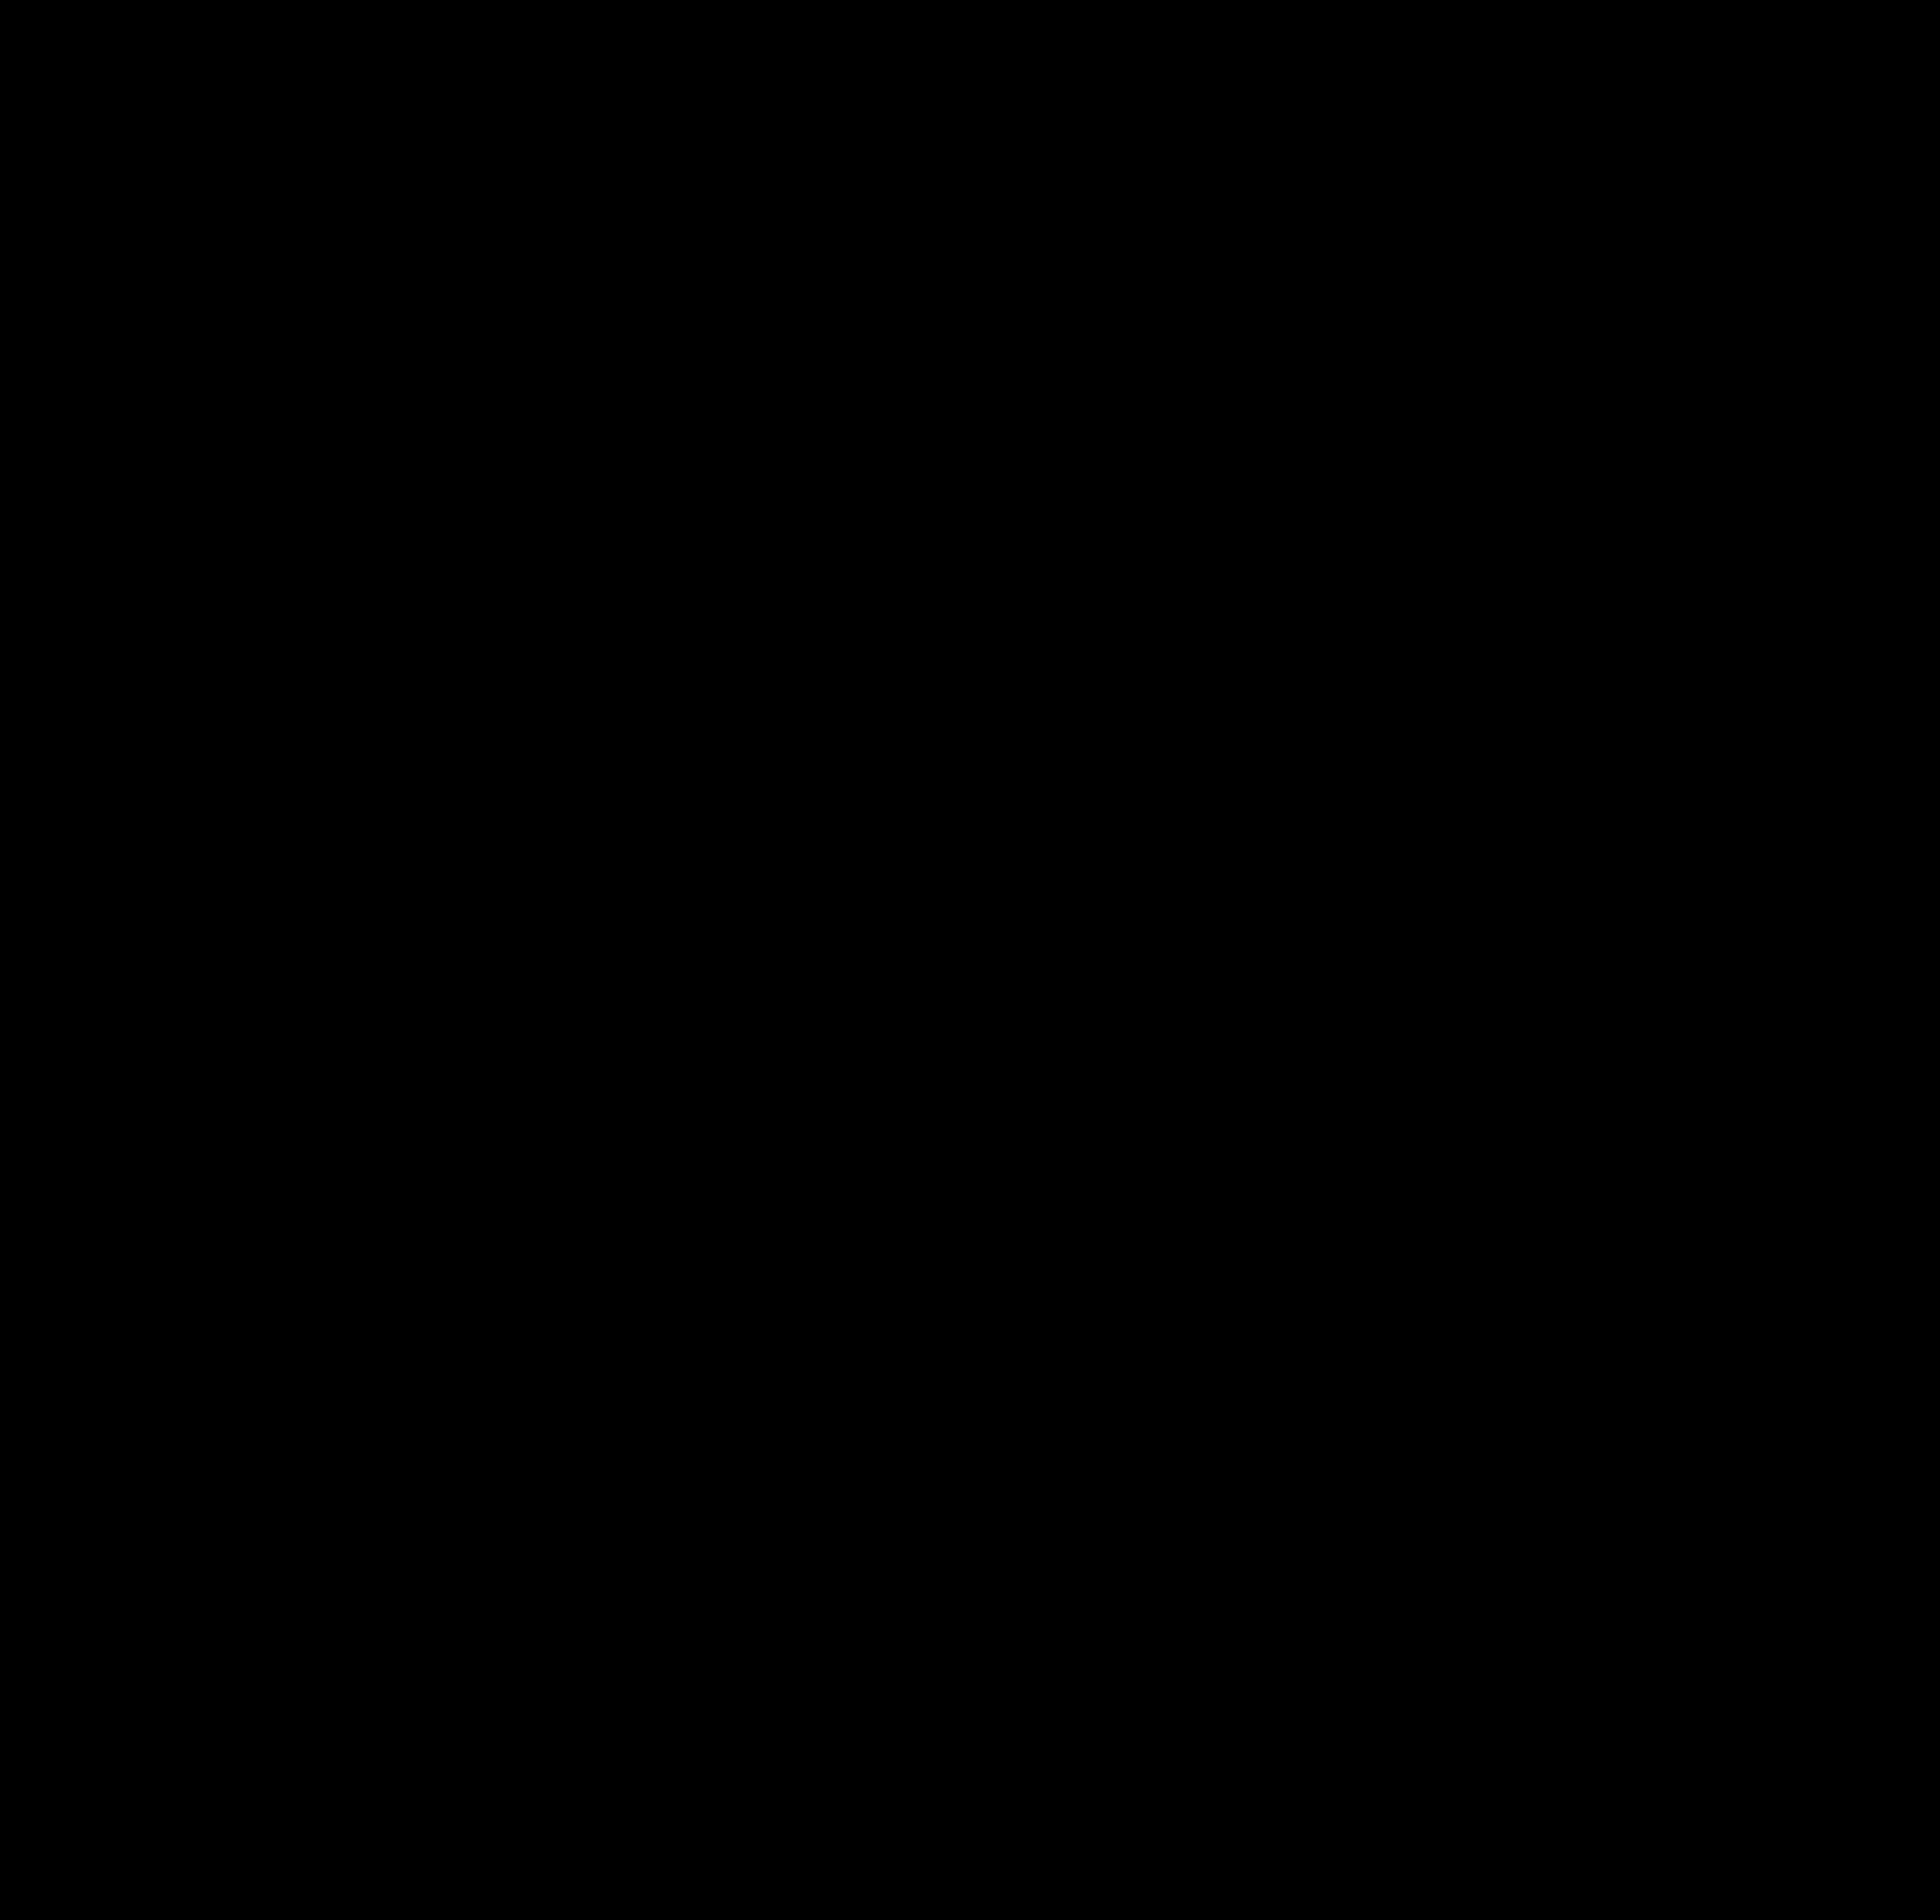 Circular ornament big image. Clipart designs circle